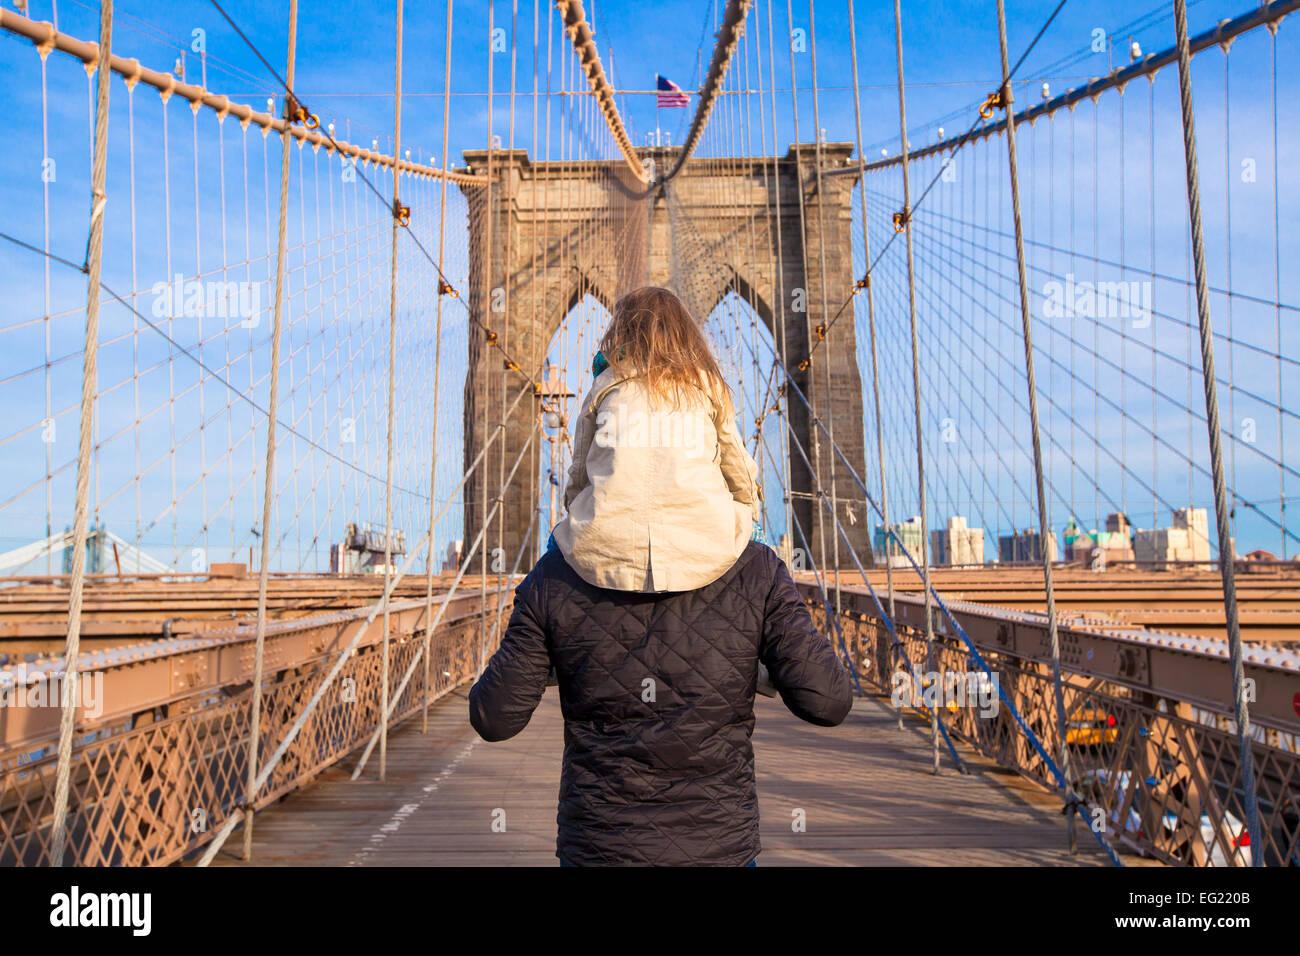 El papá y la niña en el puente de Brooklyn, Nueva York, EE.UU. Imagen De Stock